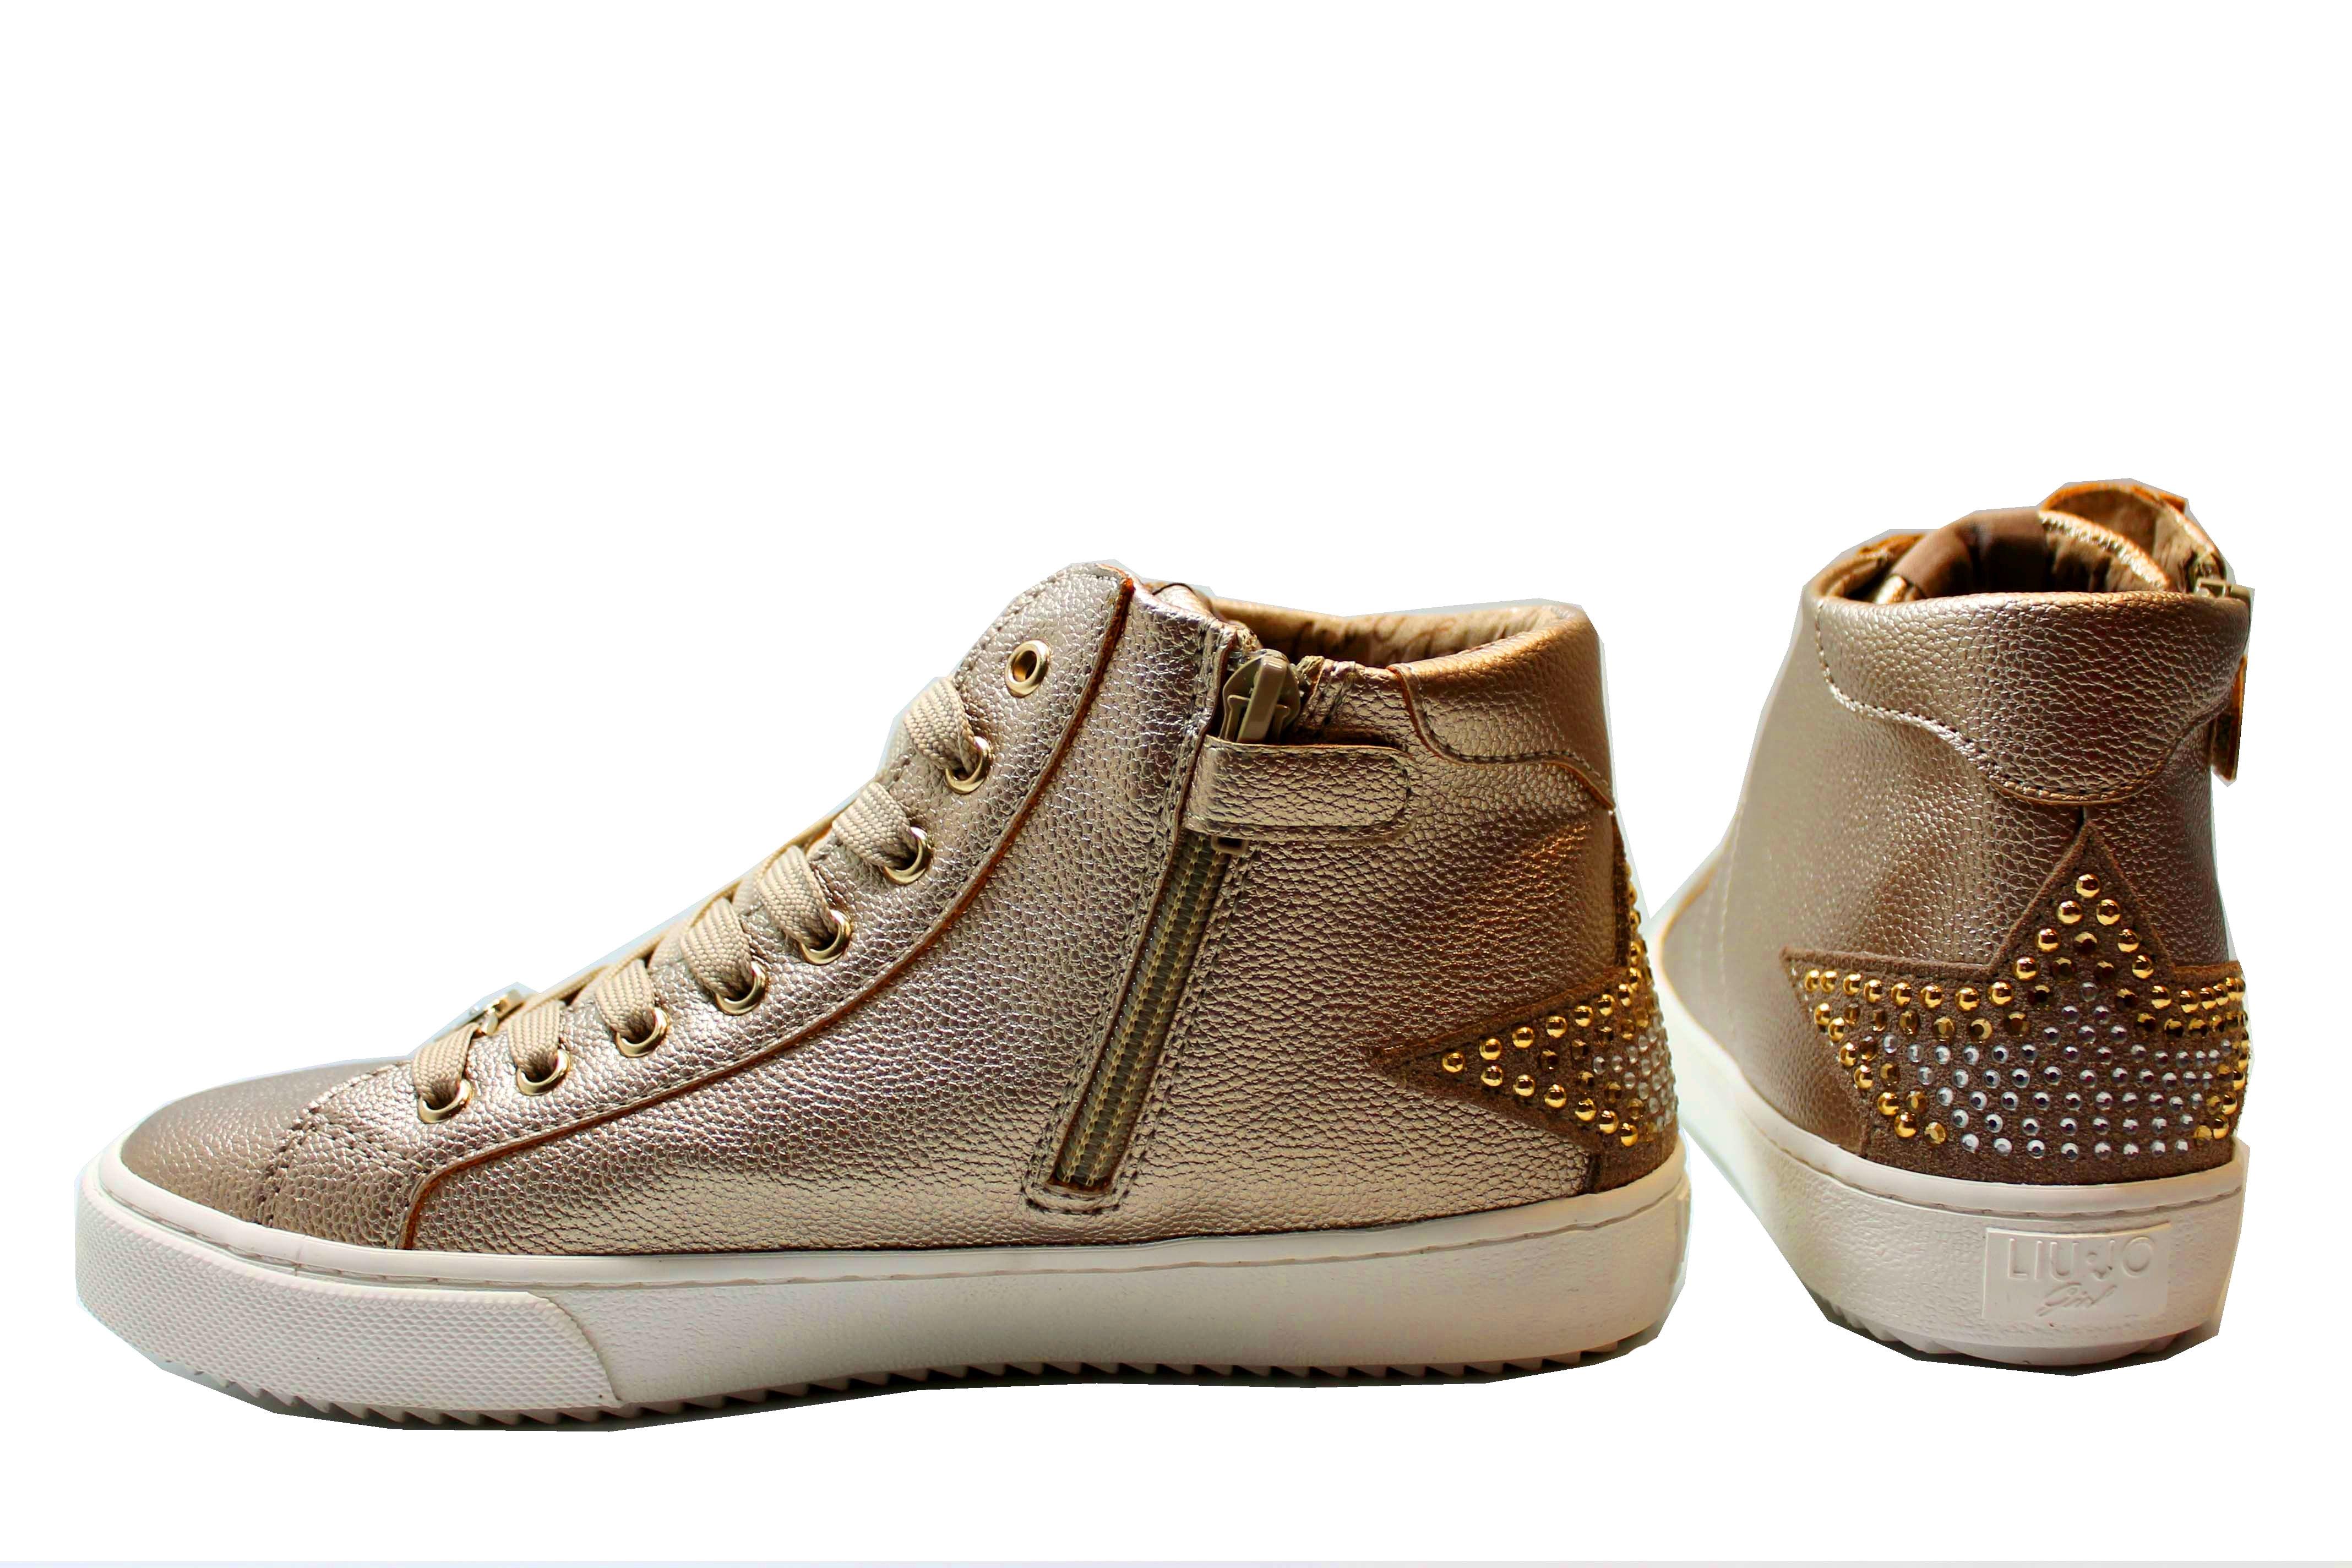 0233f287e4fcc Liu Jo Girl UM23259 Oro Sneakers Polacchine Scarpe Bambina Donna Calzature.  codice  LiuJoUM23259Oro